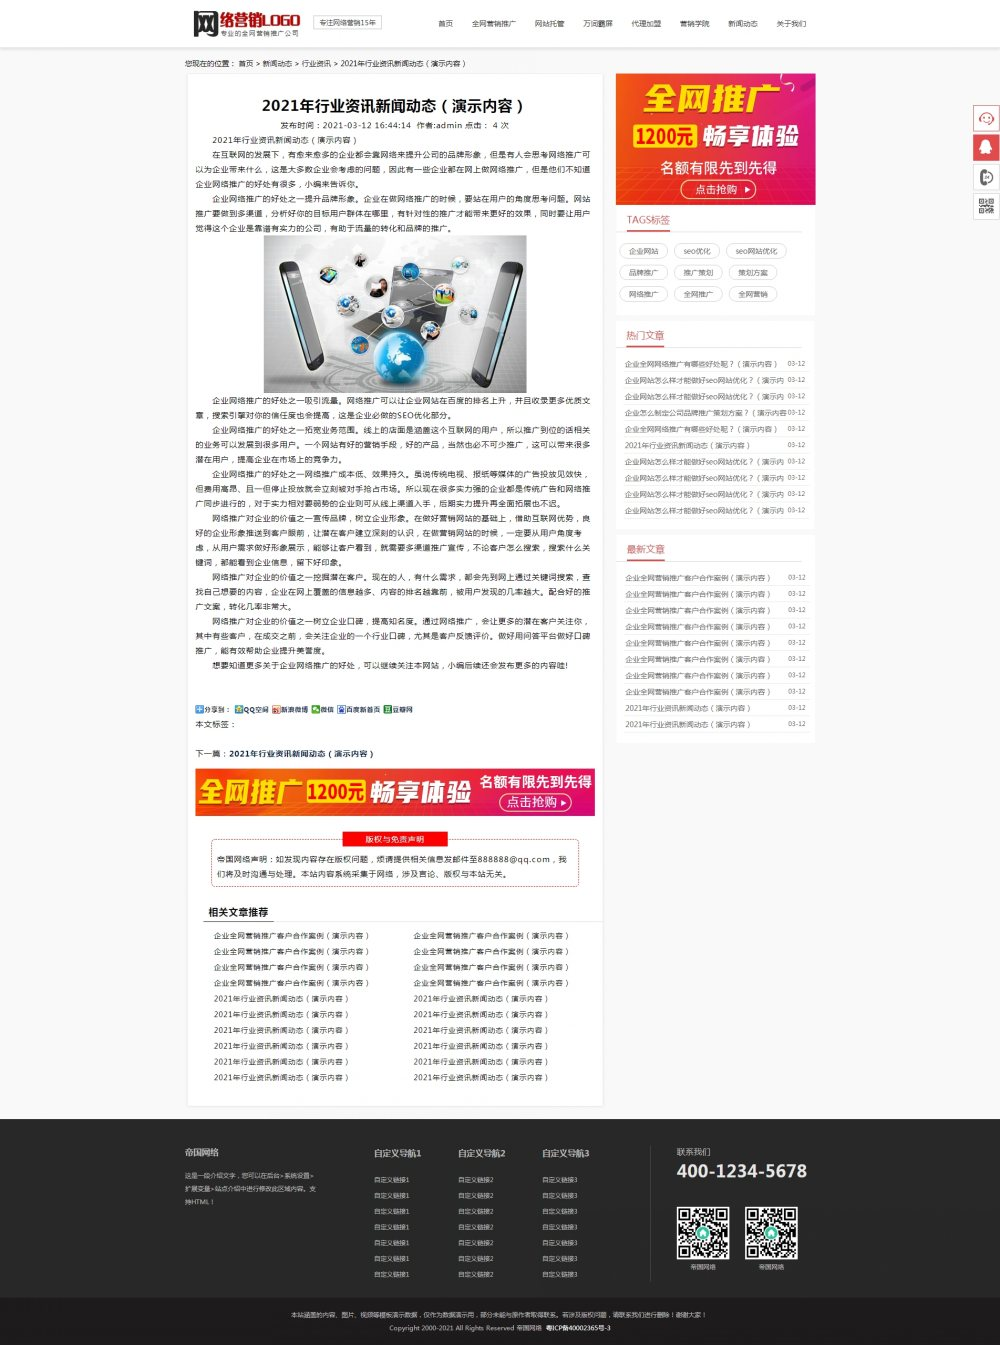 [DG-0184]帝国cms高端网络推广公司网站模板,网络营销策划广告推广公司网站模板(带PC+移动端同步生成插件、独立手机端) 企业模板 第7张